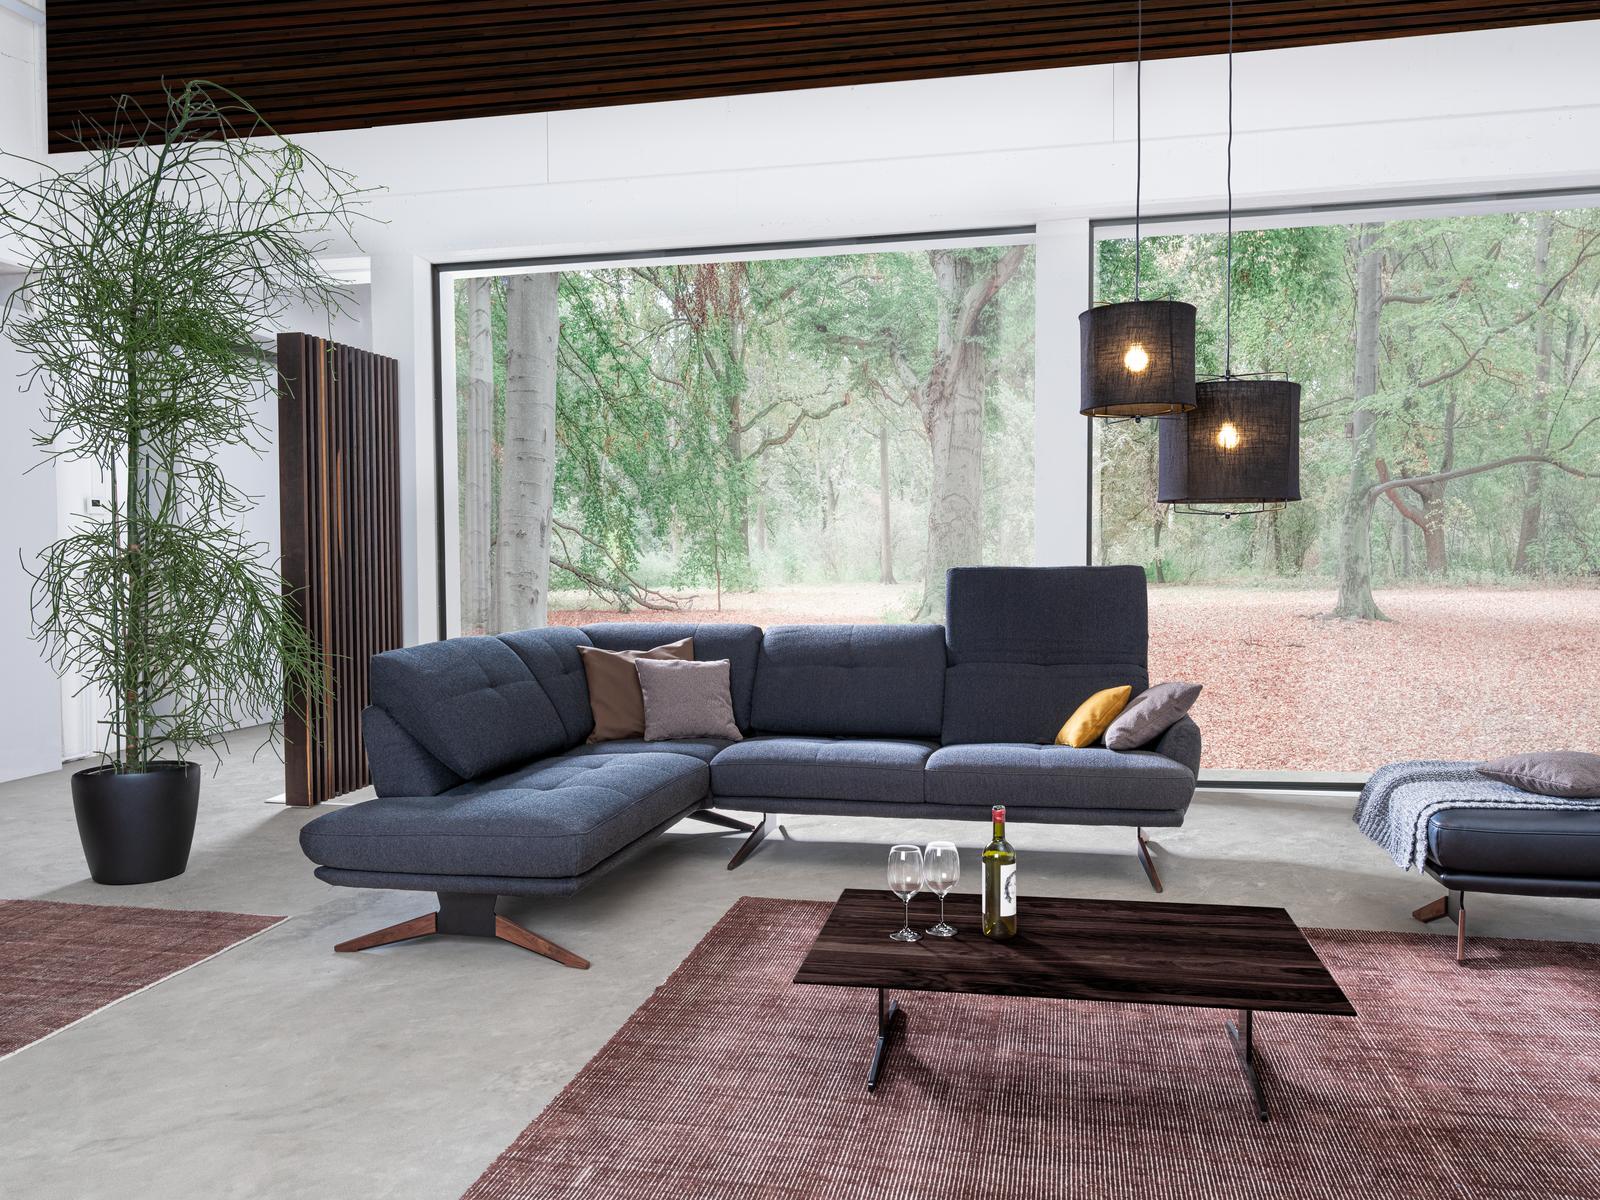 Ecksofa Dubai in blauem Stoff mit Rückenverstellung und modernen Möbelfüßen.